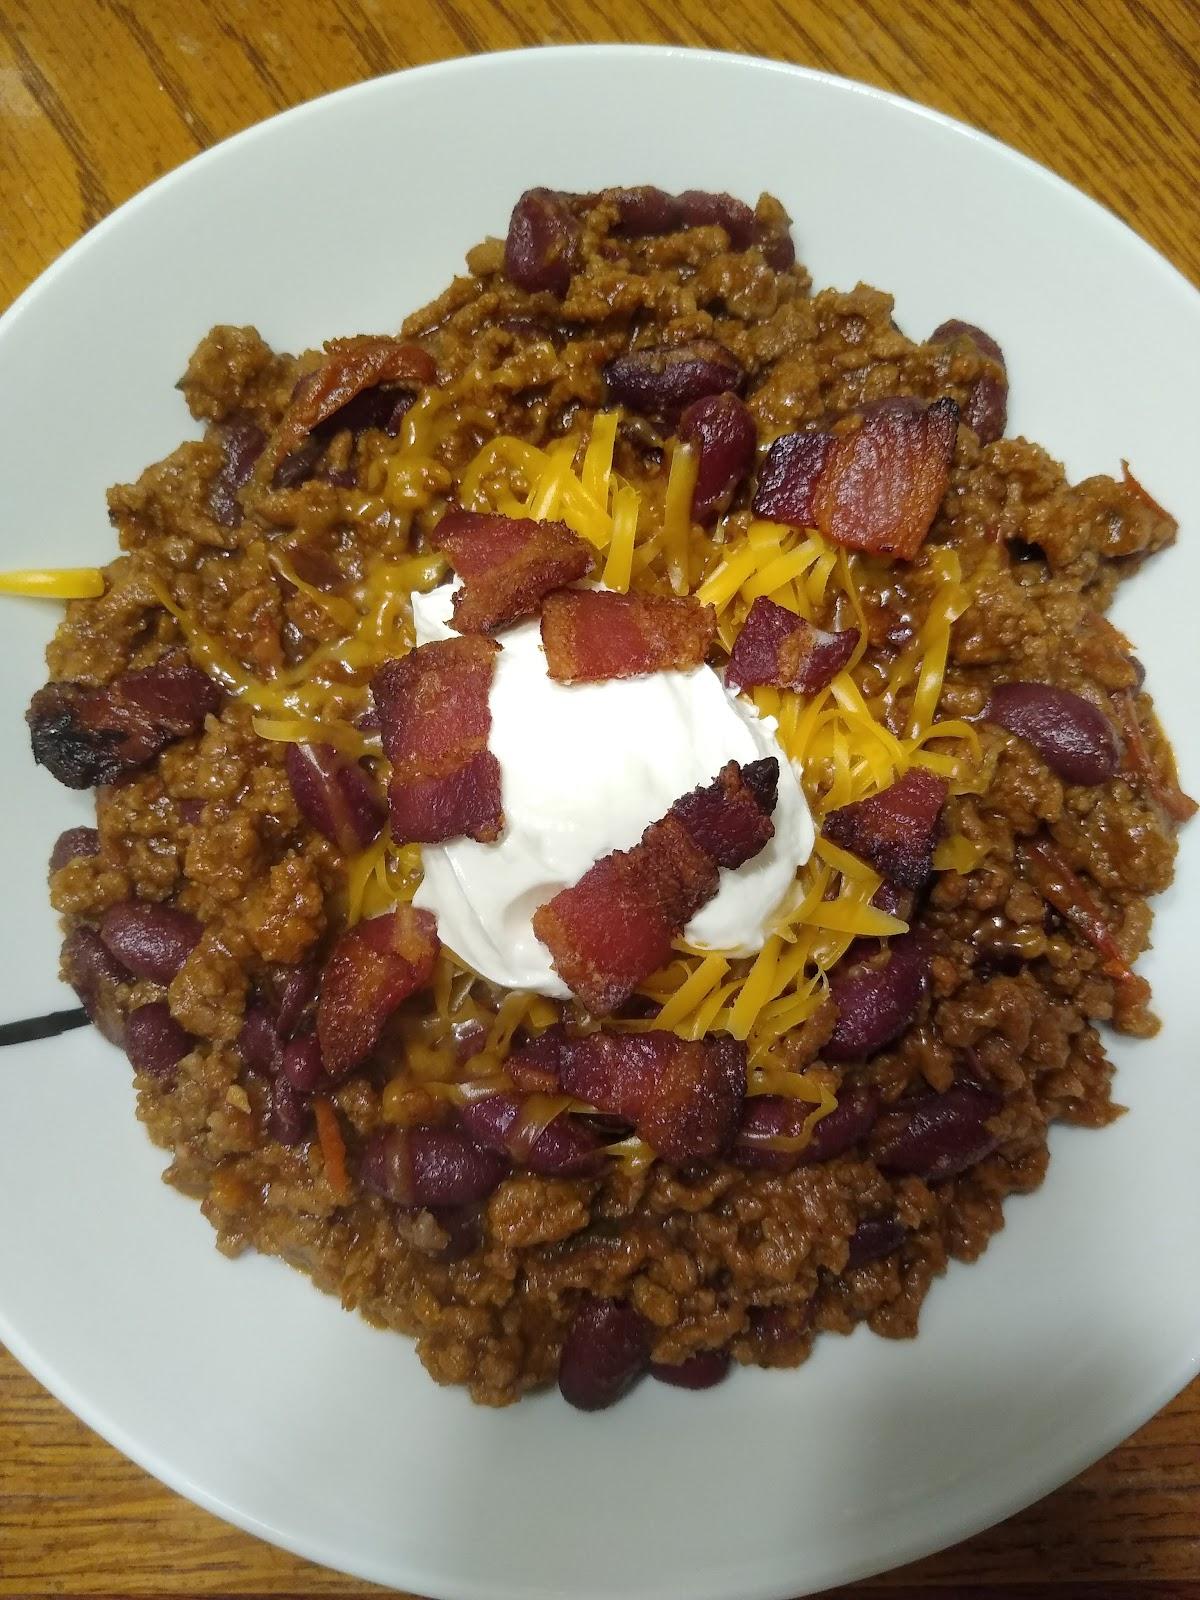 making homemade chili